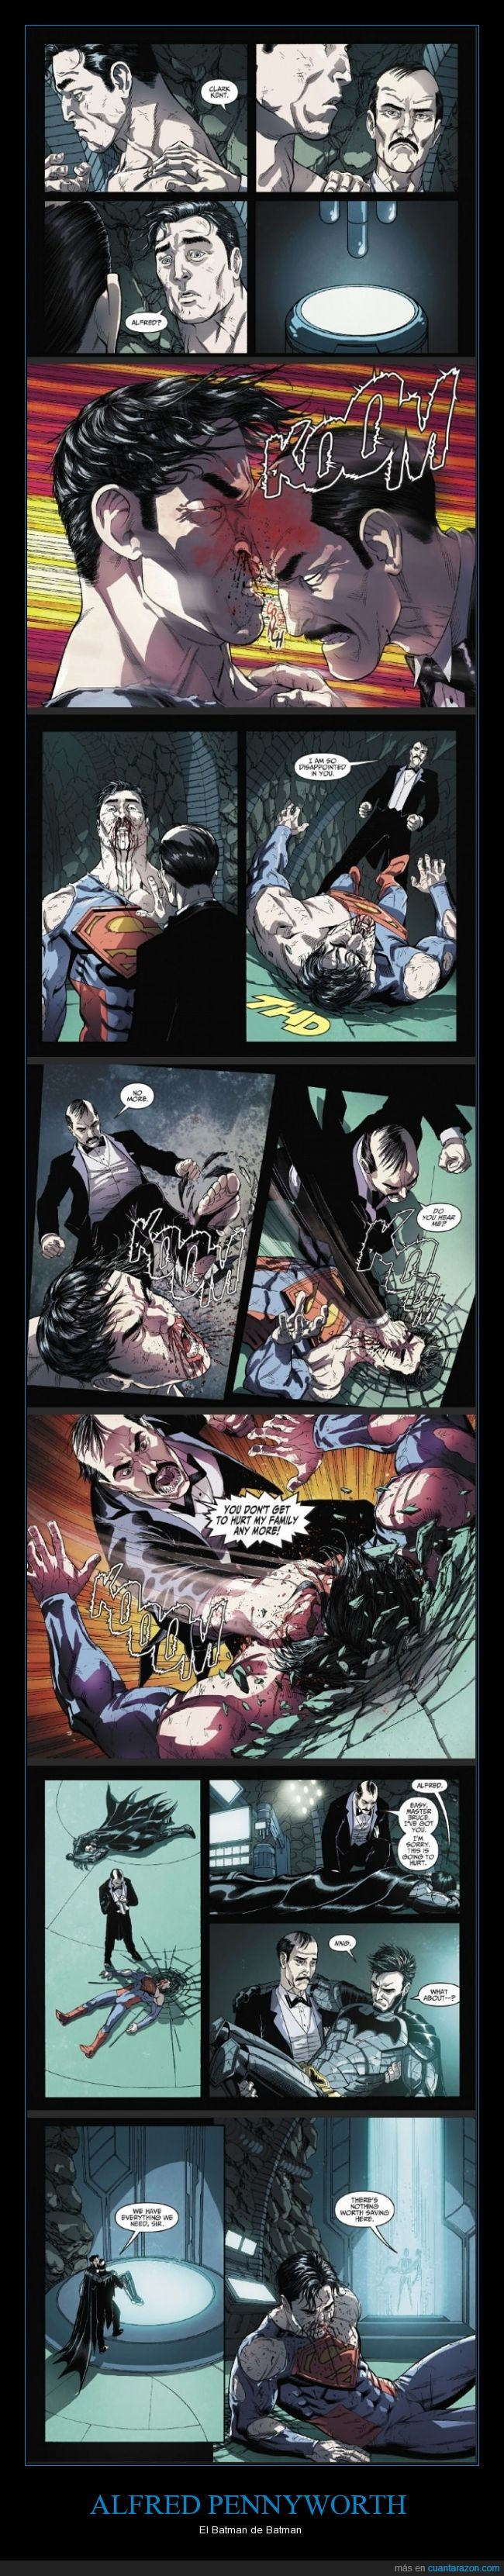 alfred,batman,épico,fuerte,fuerza,luchar,más mulo y no nace,pennyworth,proteger,superman